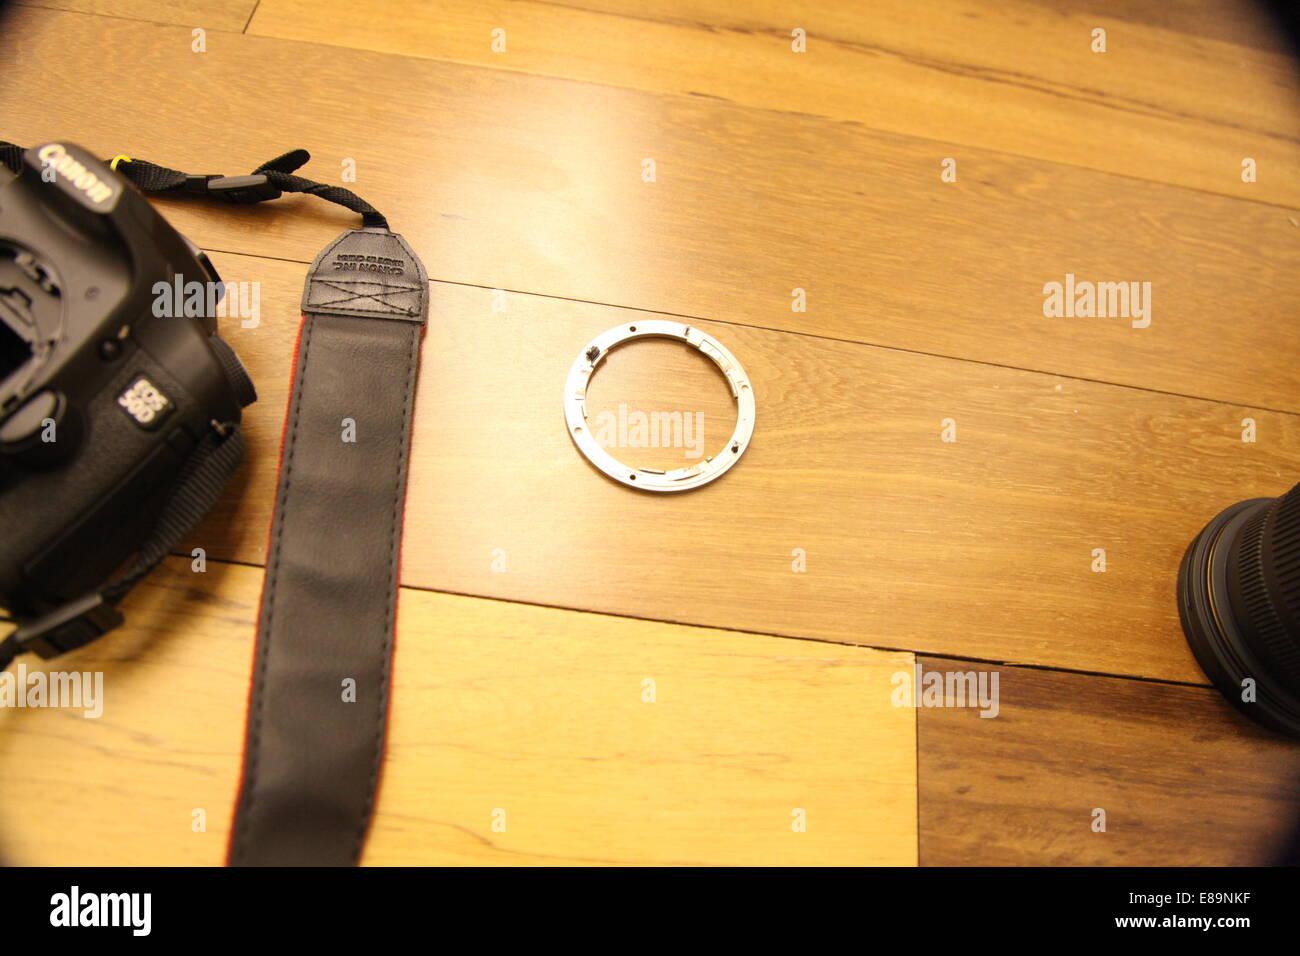 Holzfußboden Legen ~ Teile eines gebrochenen canon 50d dslr kamera auf einem holzfußboden